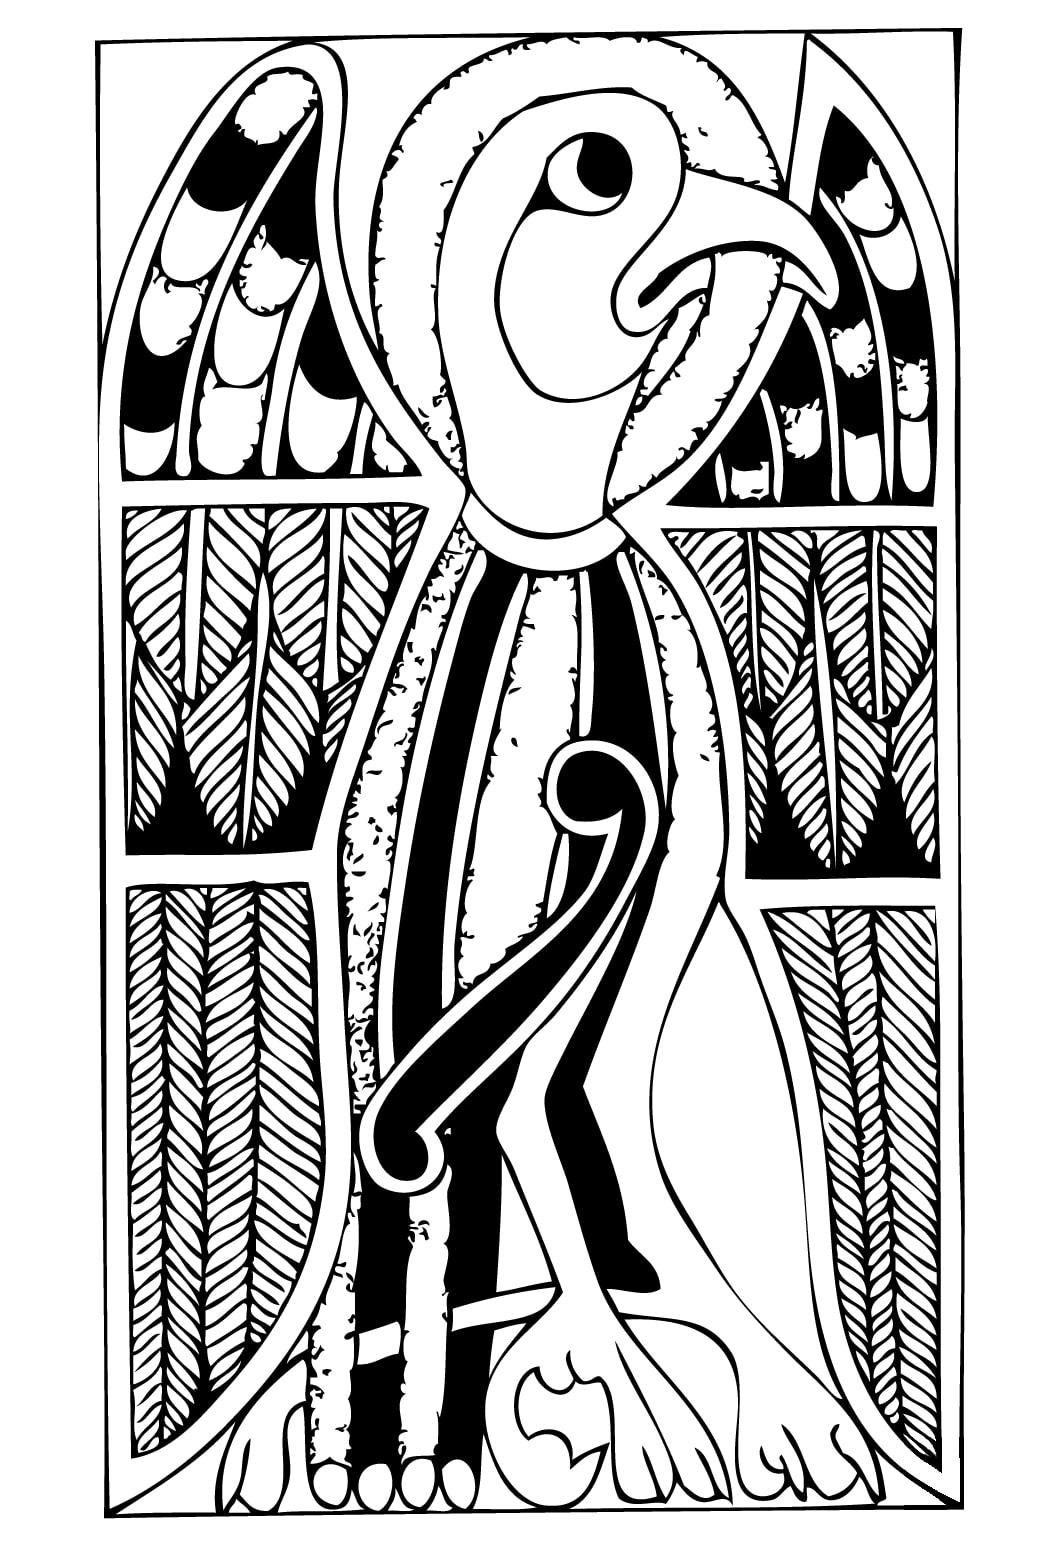 Animal représenté dans un coloriage inspiré par l'Art celtique